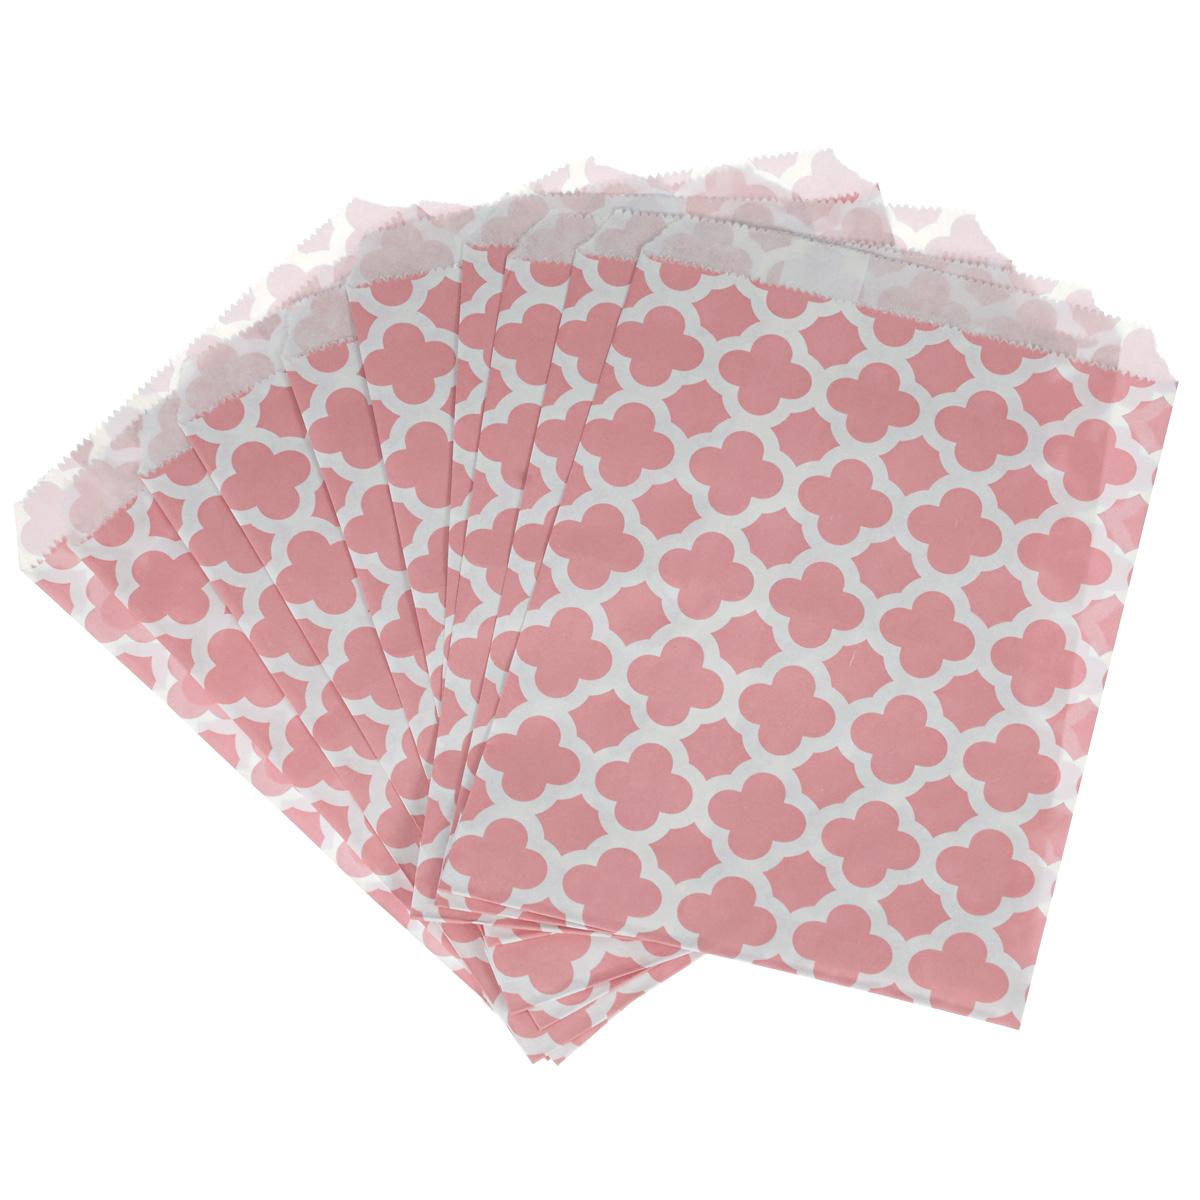 Пакеты бумажные Dolce Arti Arabesque, для выпекания, цвет: розовый, 10 штDA040209Бумажные пакеты Dolce Arti Arabesque очень многофункциональны. Их можно использовать насколько хватит вашей фантазии: для выпекания, для упаковки маленьких подарков, сладостей и многого другого. Размер: 13 см х 18 см.